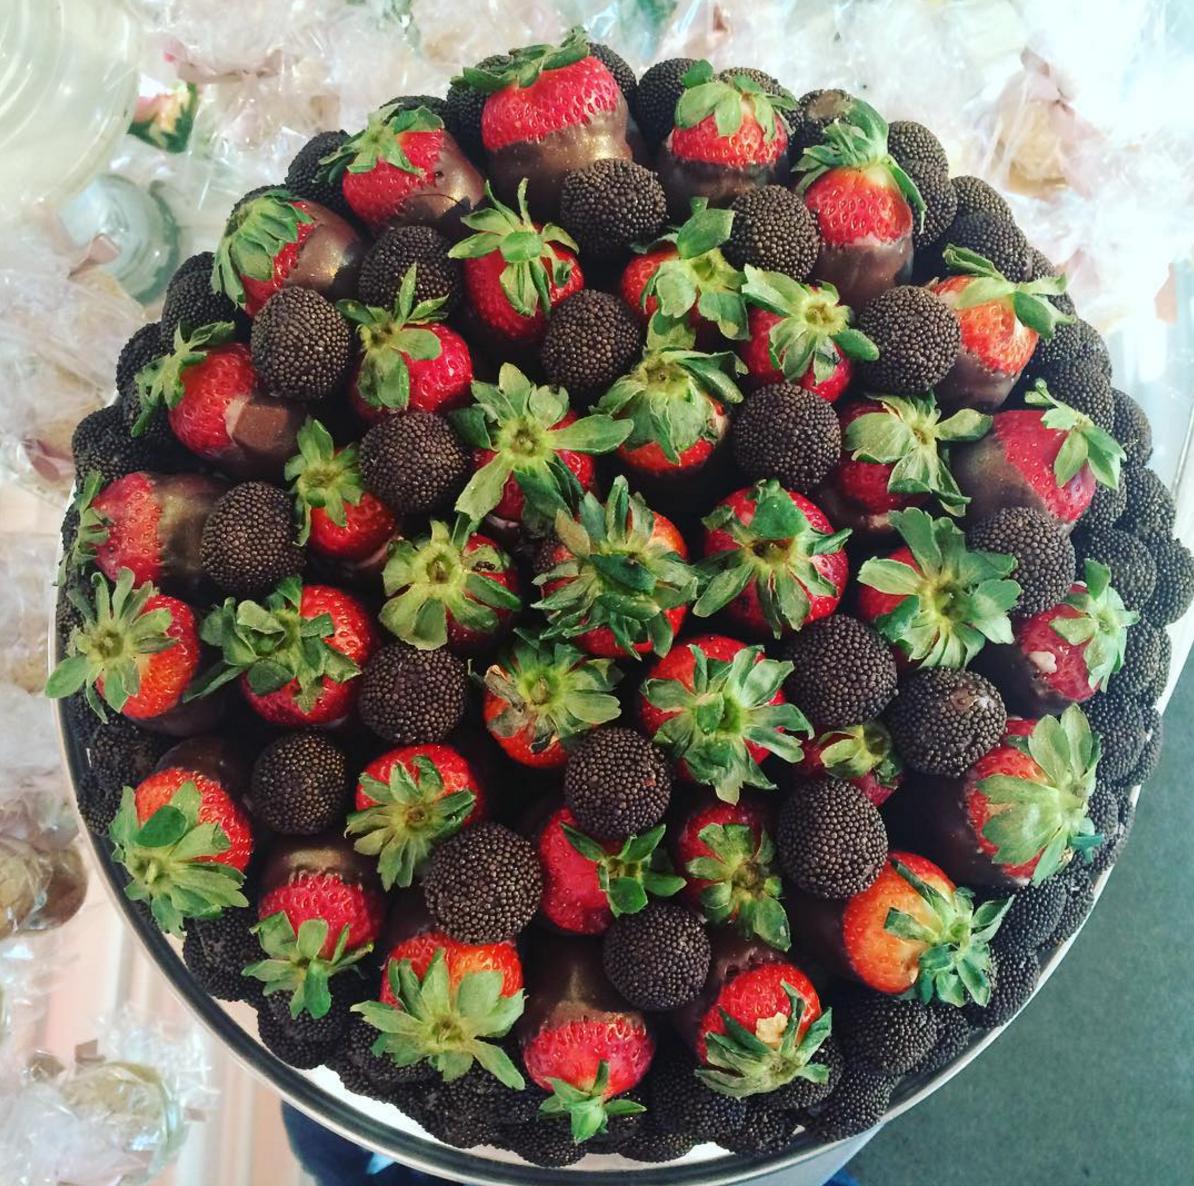 Morangos com chocolate no casamento de Wesley Safadão e Thyane Dantas.